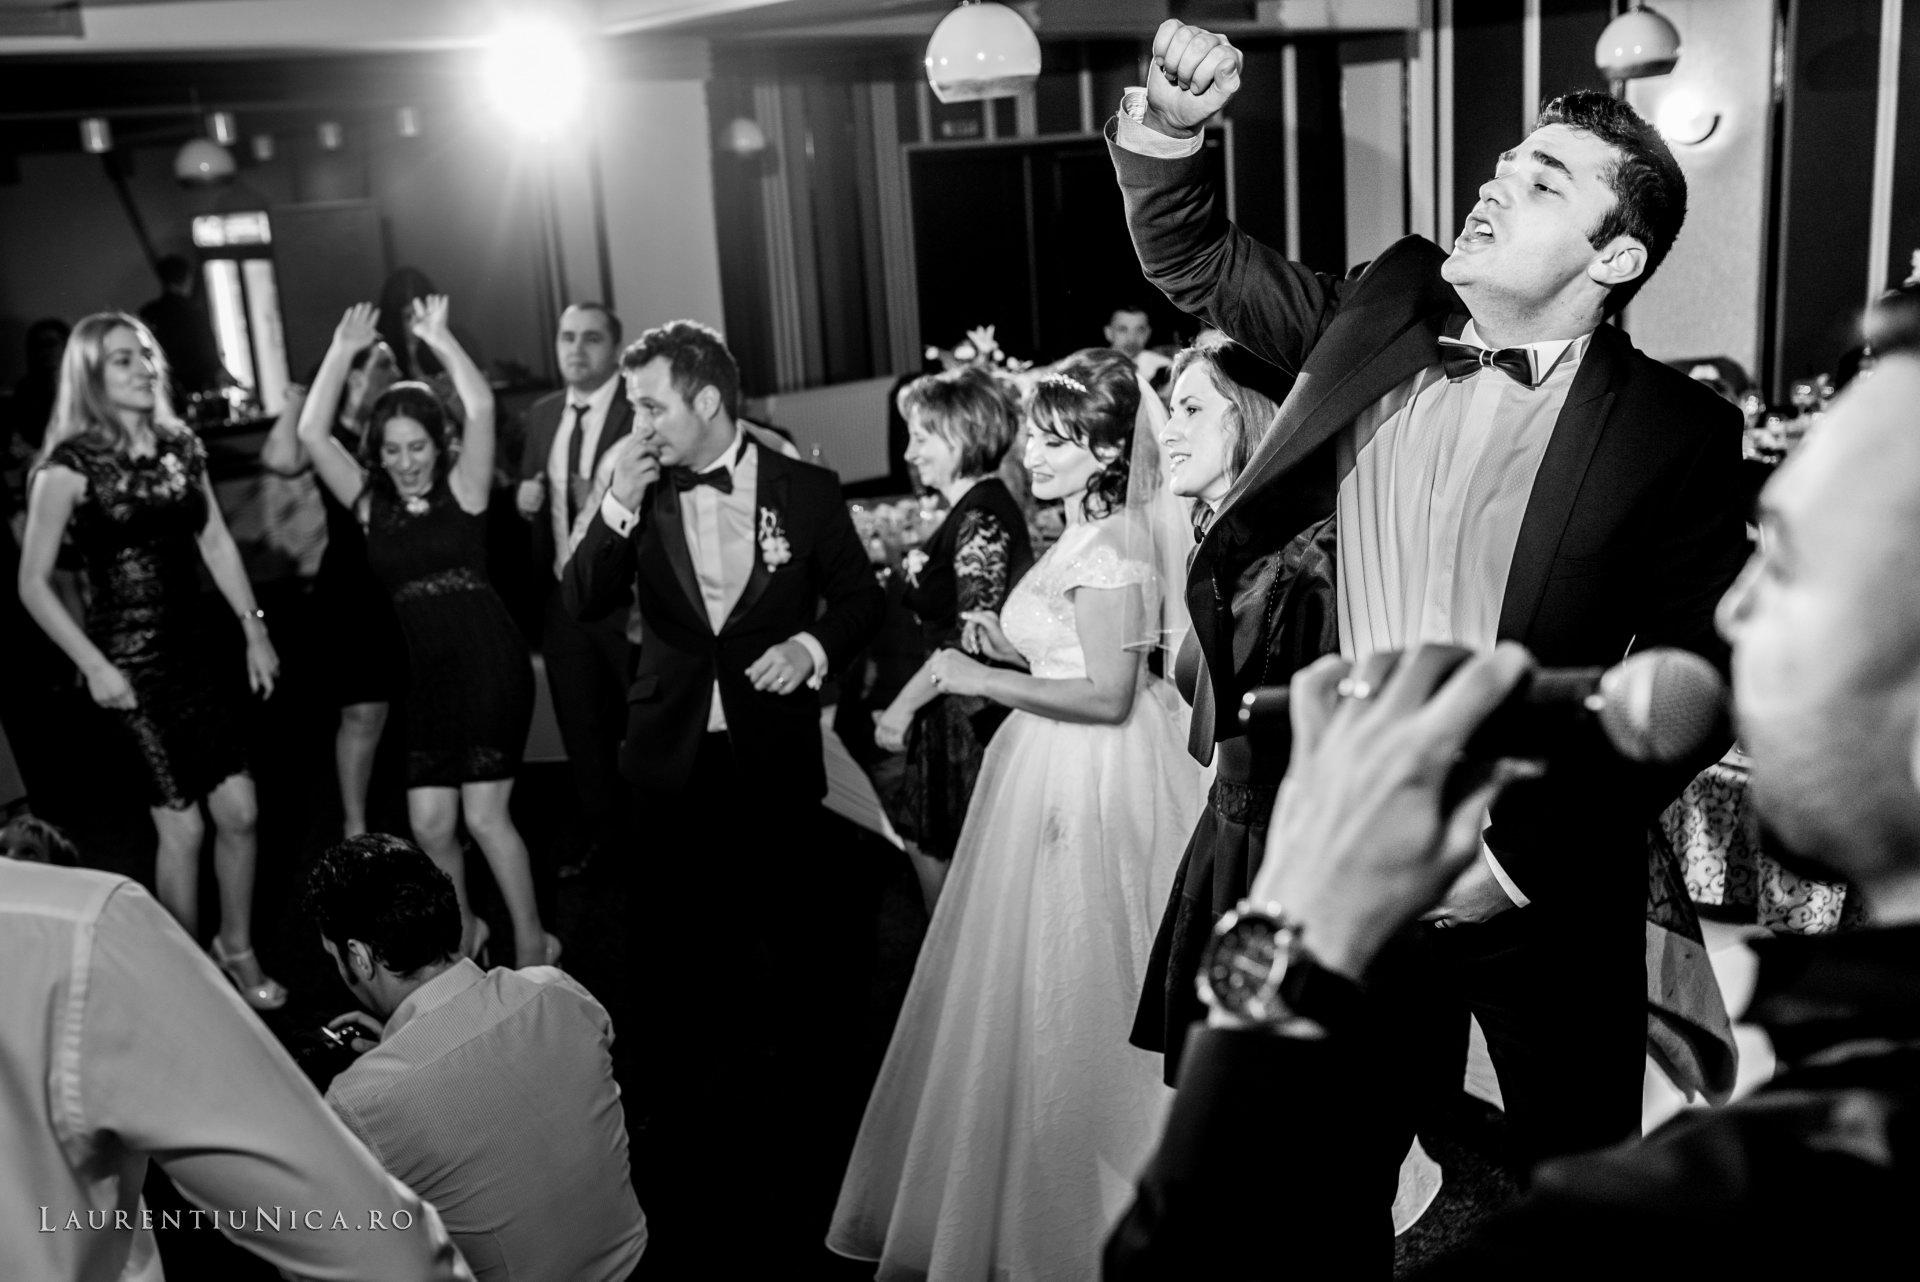 daniela si marius fotografii nunta craiova laurentiu nica54 - Daniela & Marius | Fotografii nunta